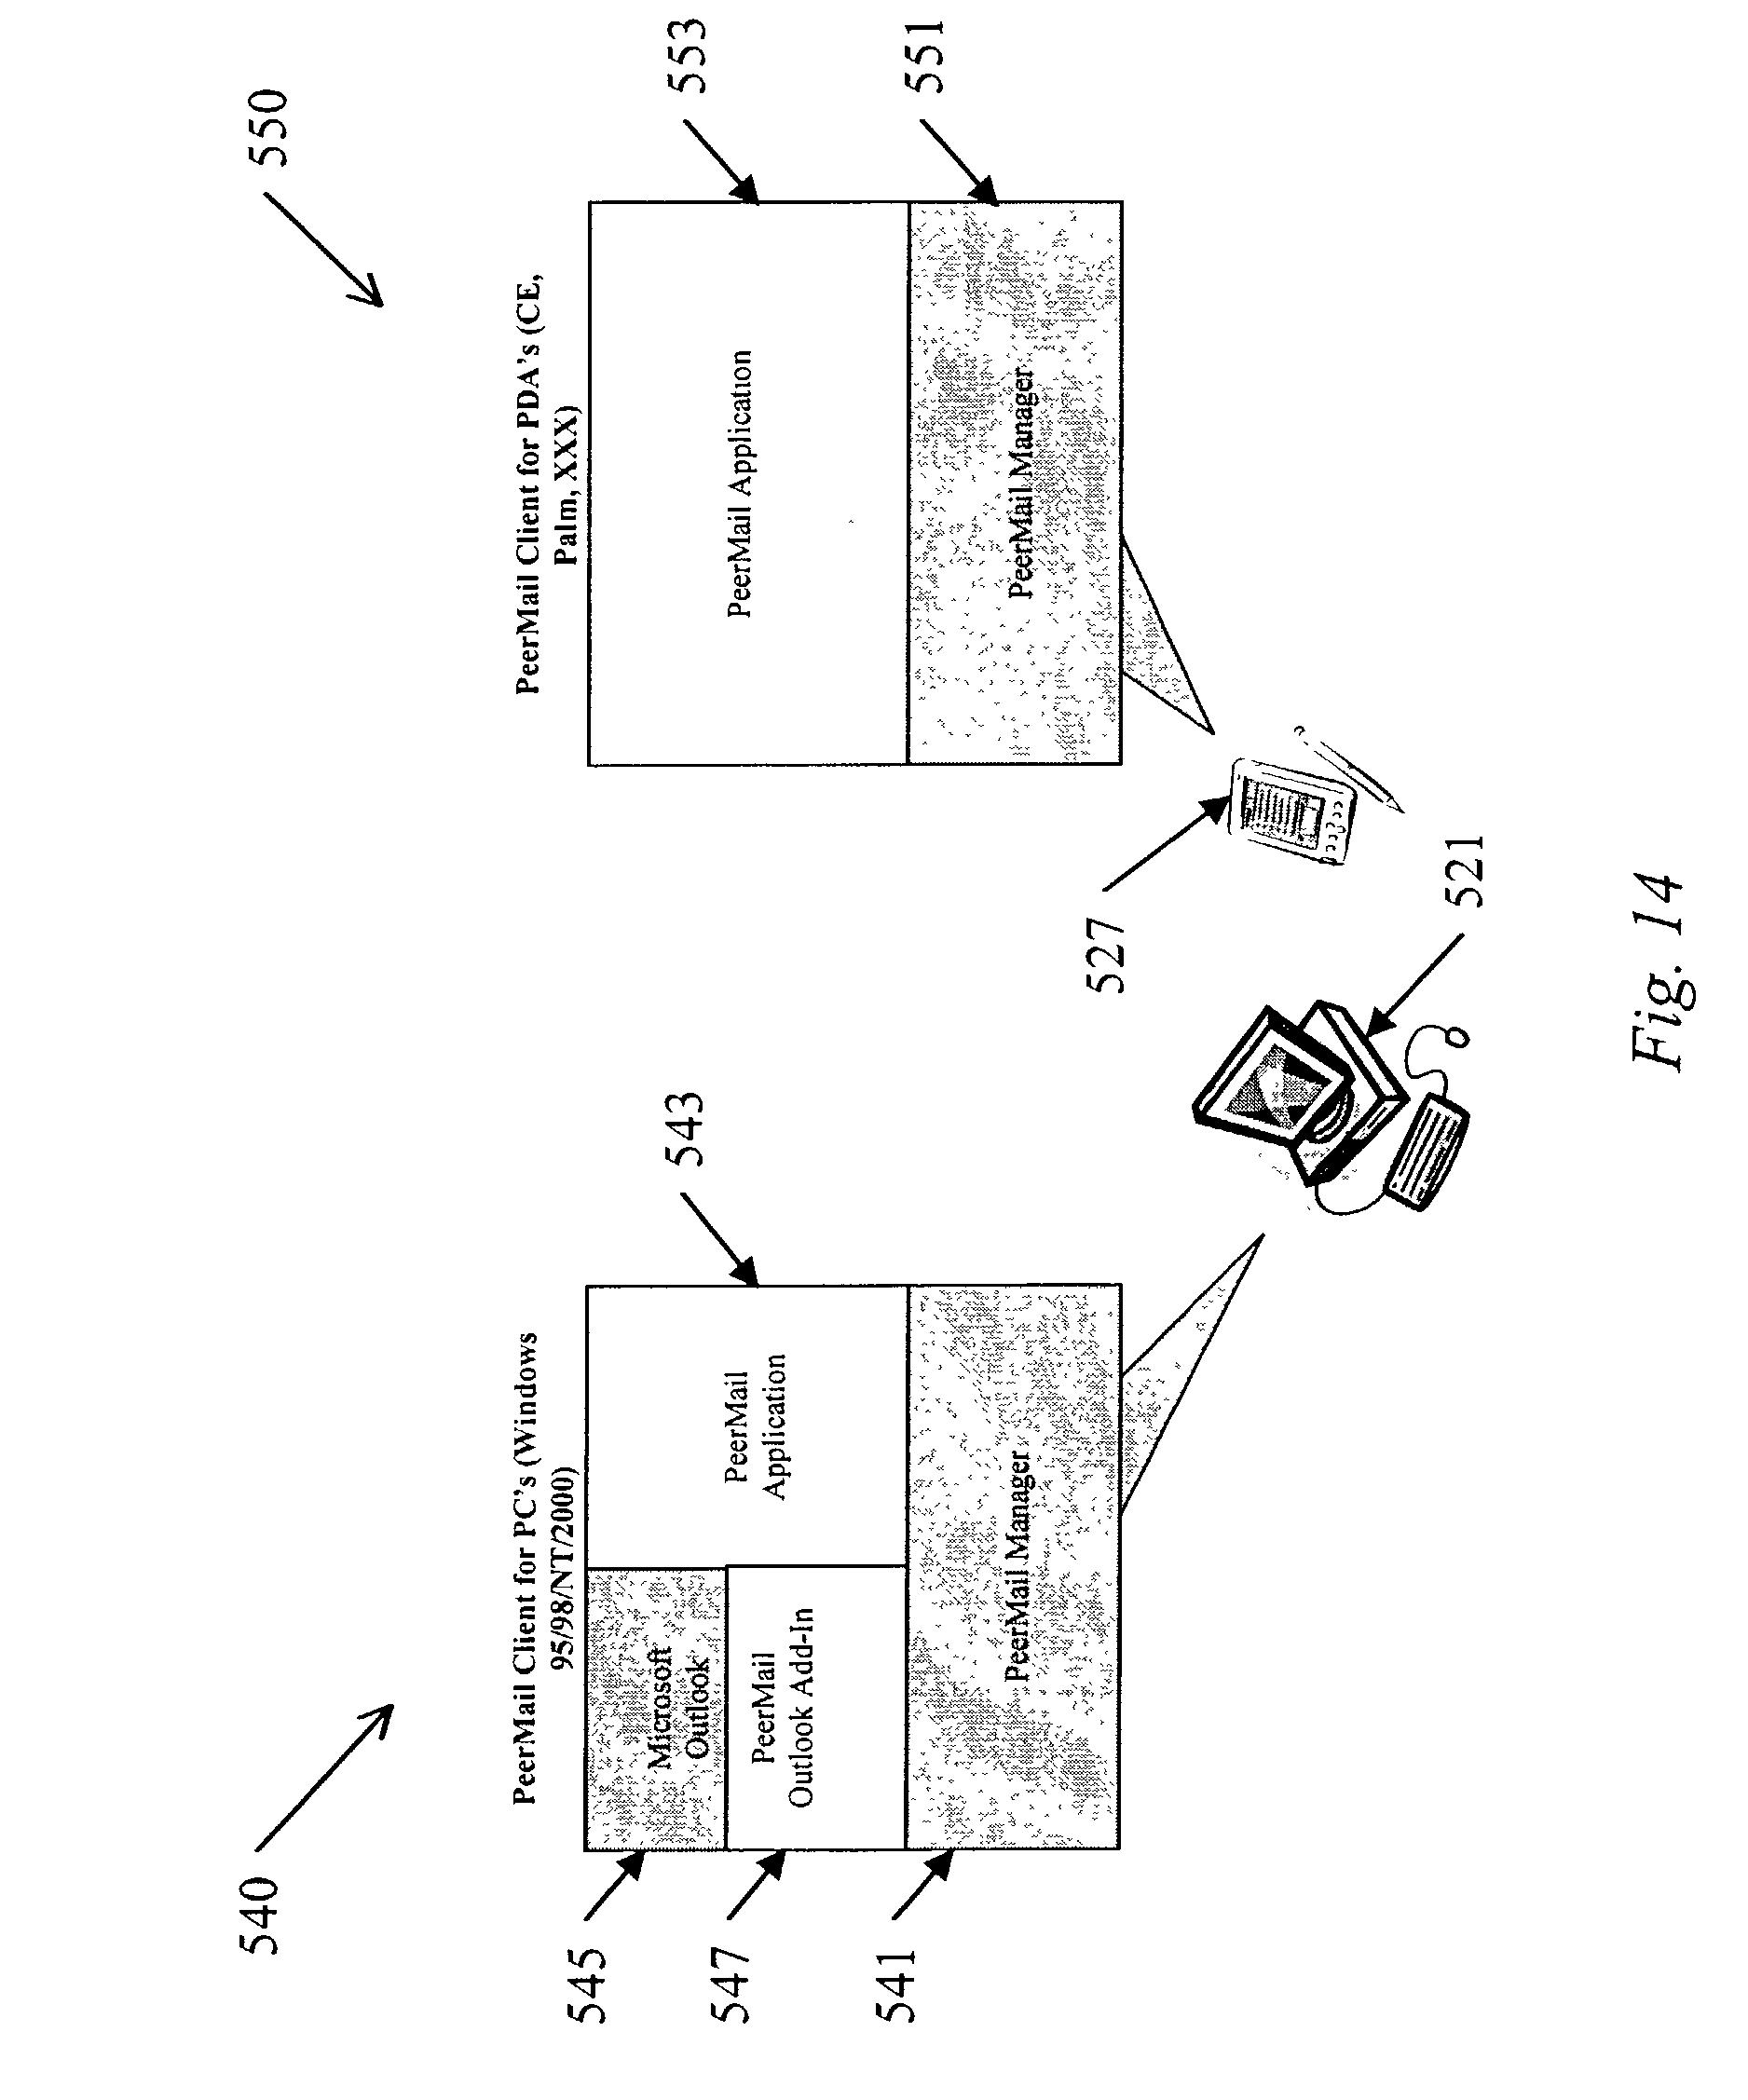 patent us20030105812